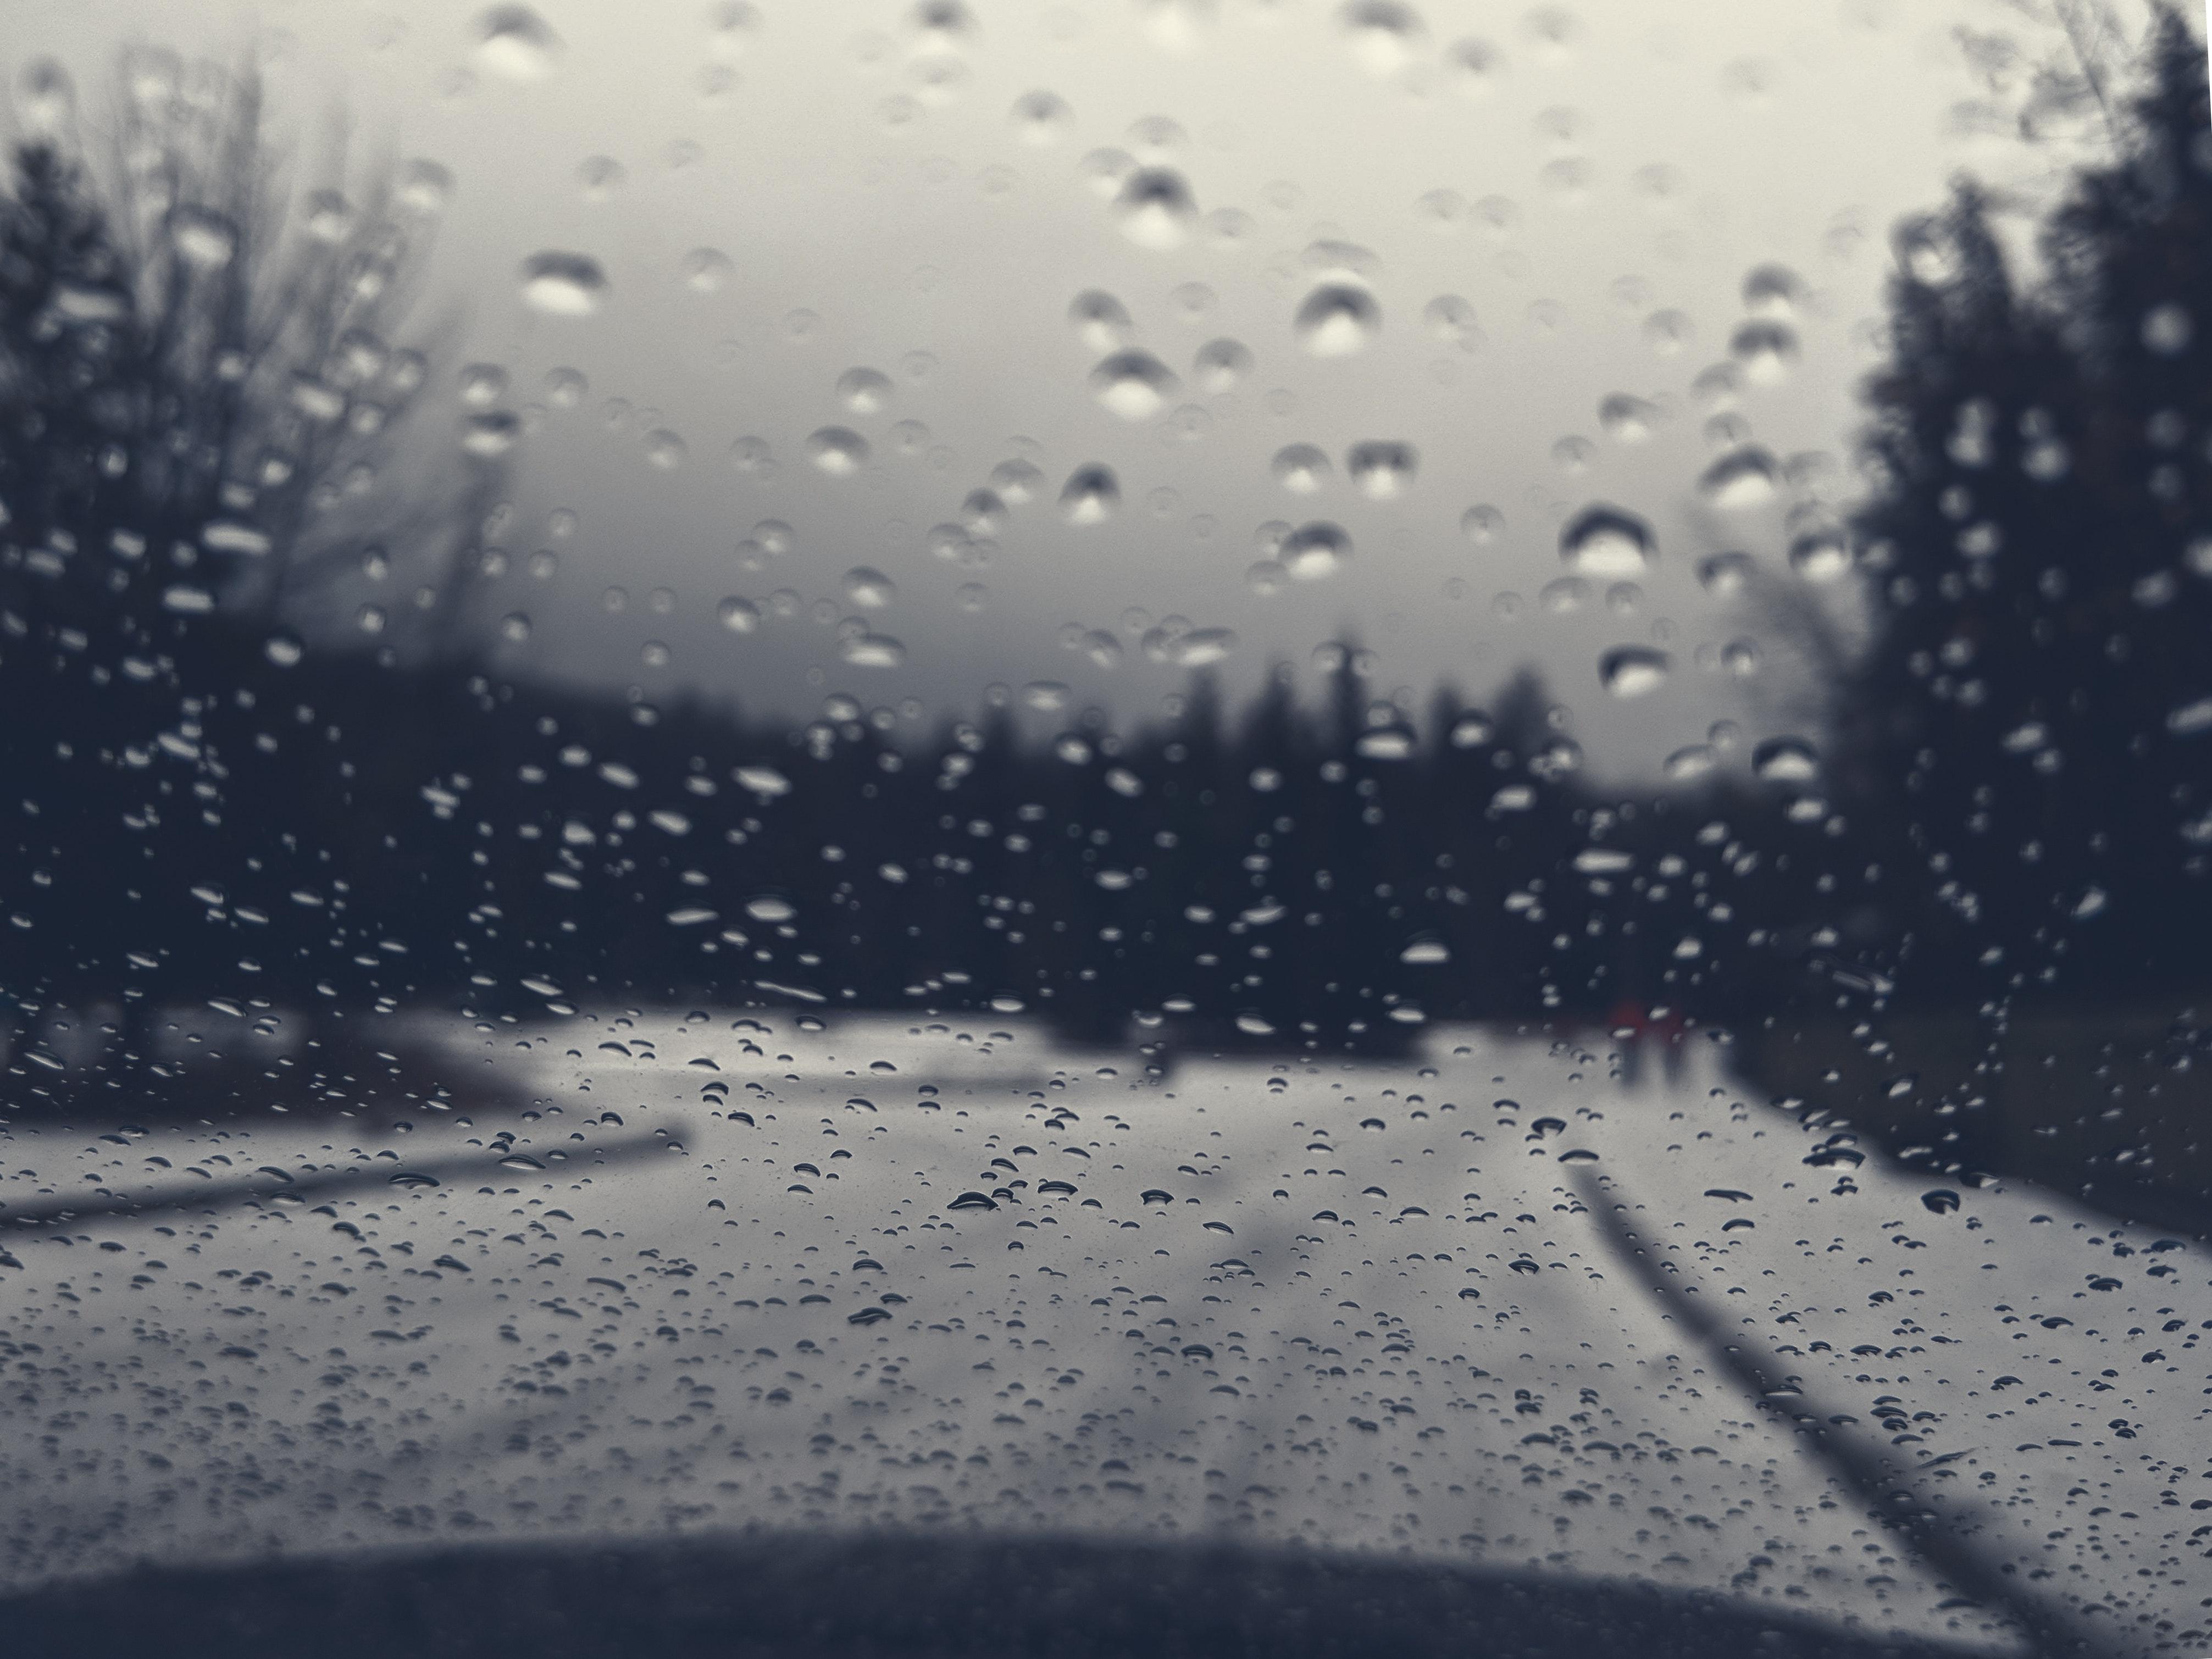 Ảnh cơn mưa đẹp mà buồn